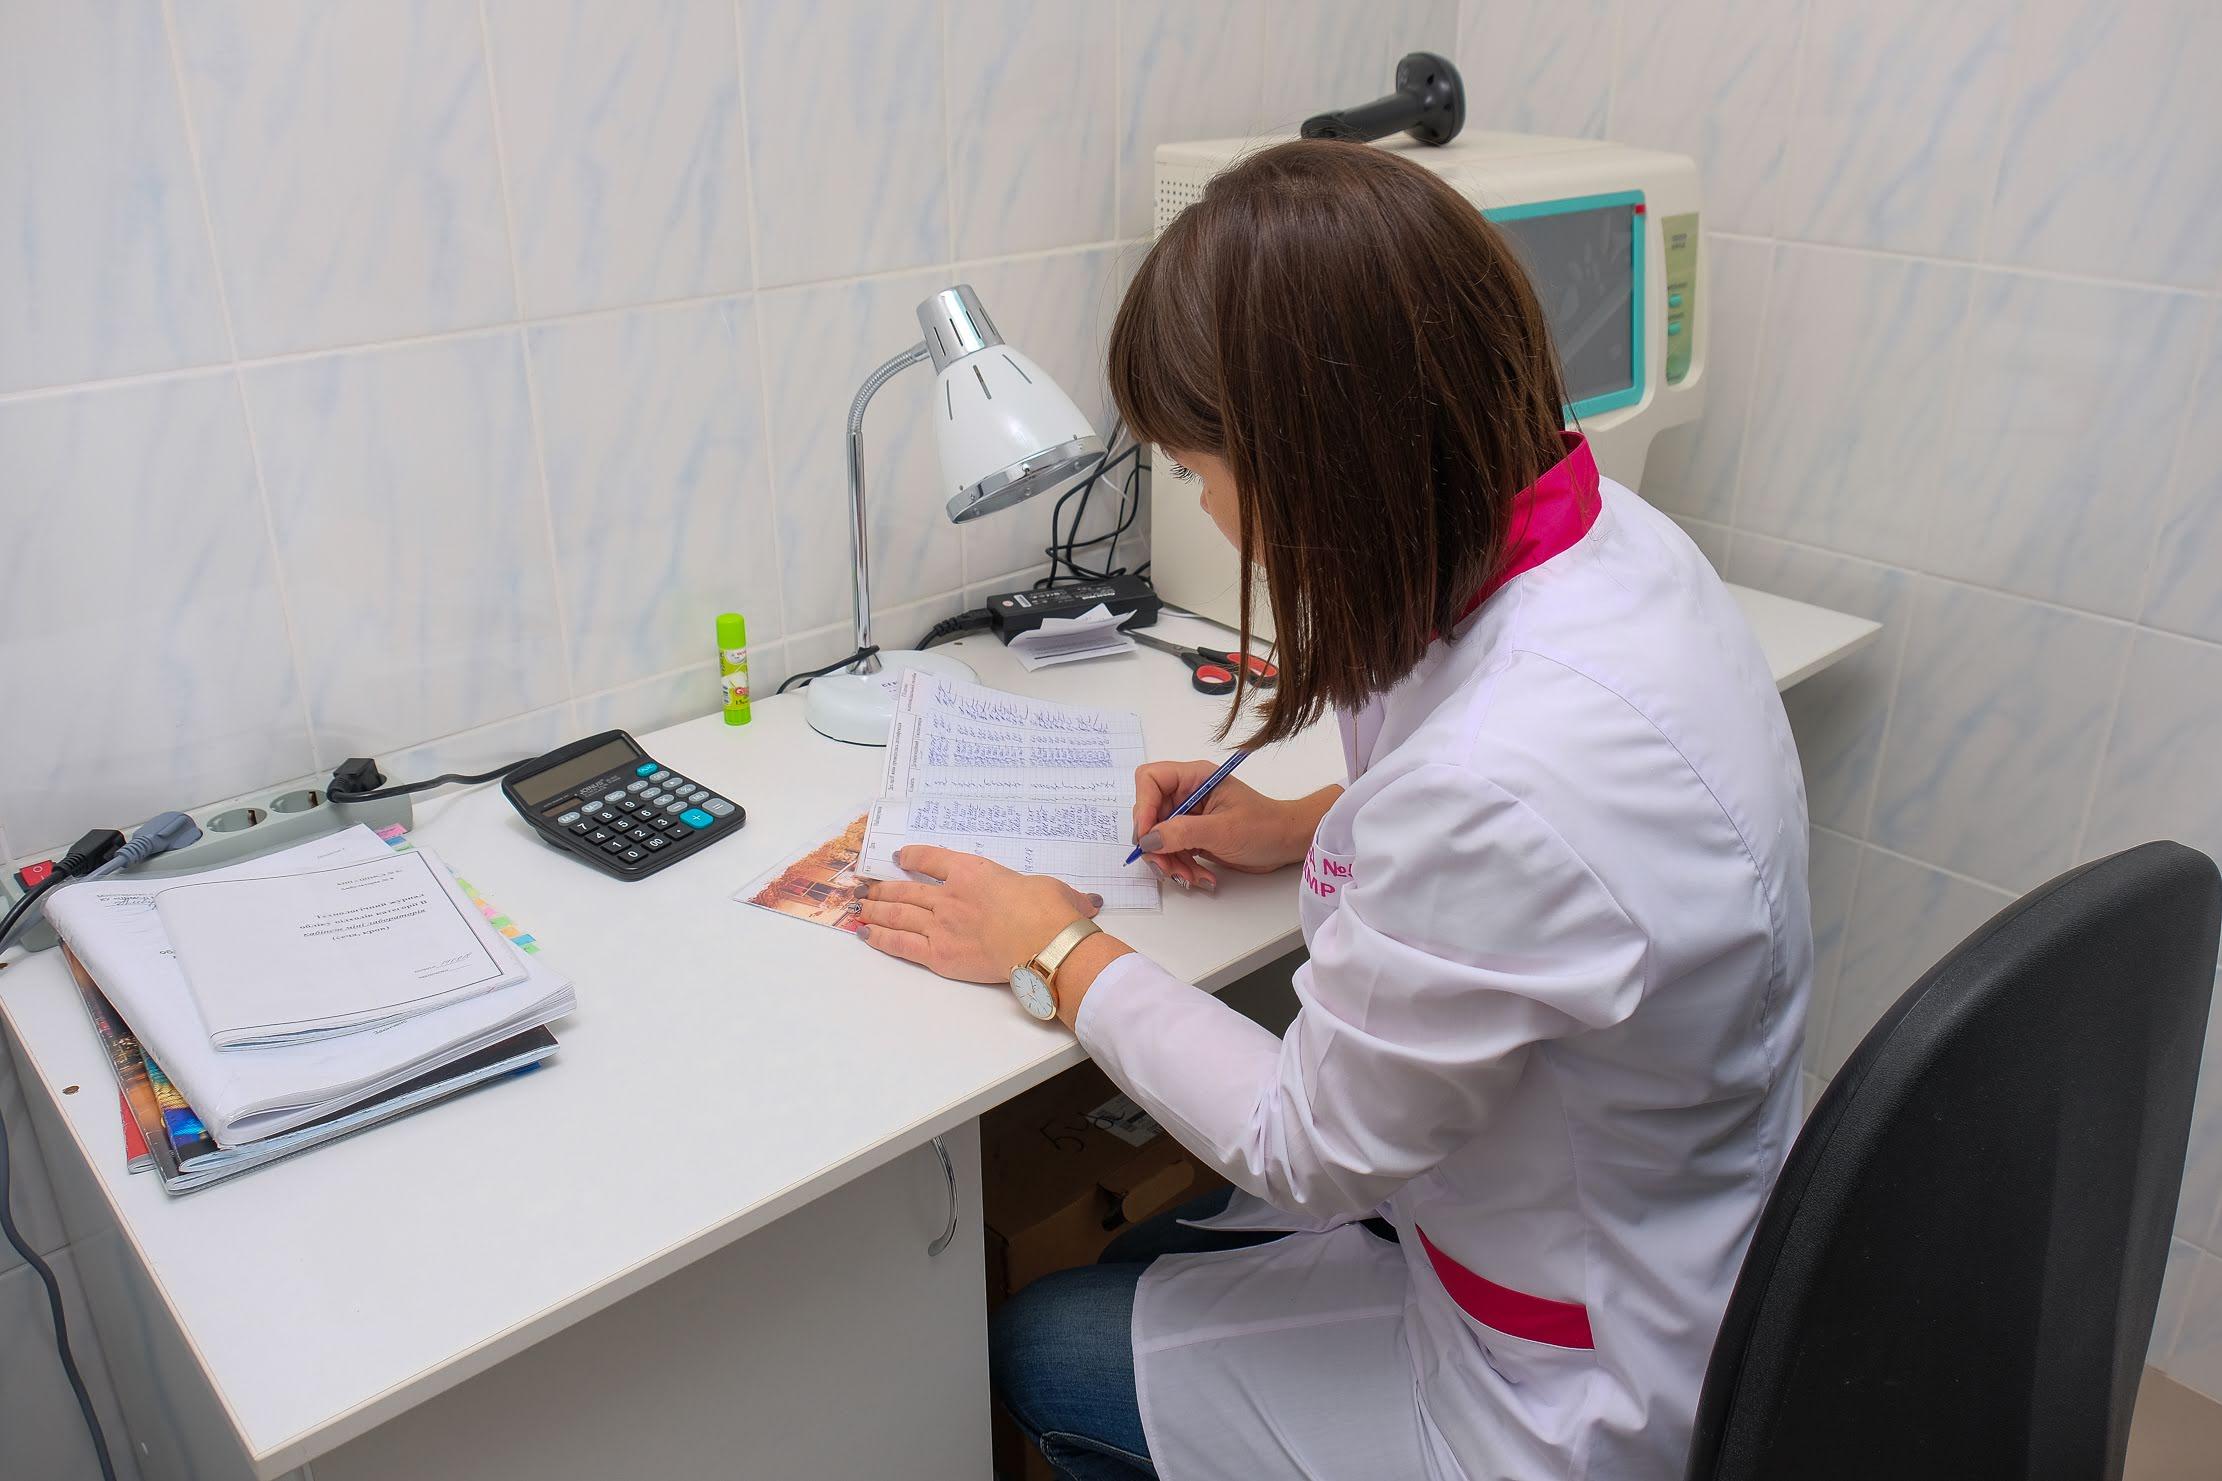 Полезно: как изменить свой номер телефона в декларации с врачом